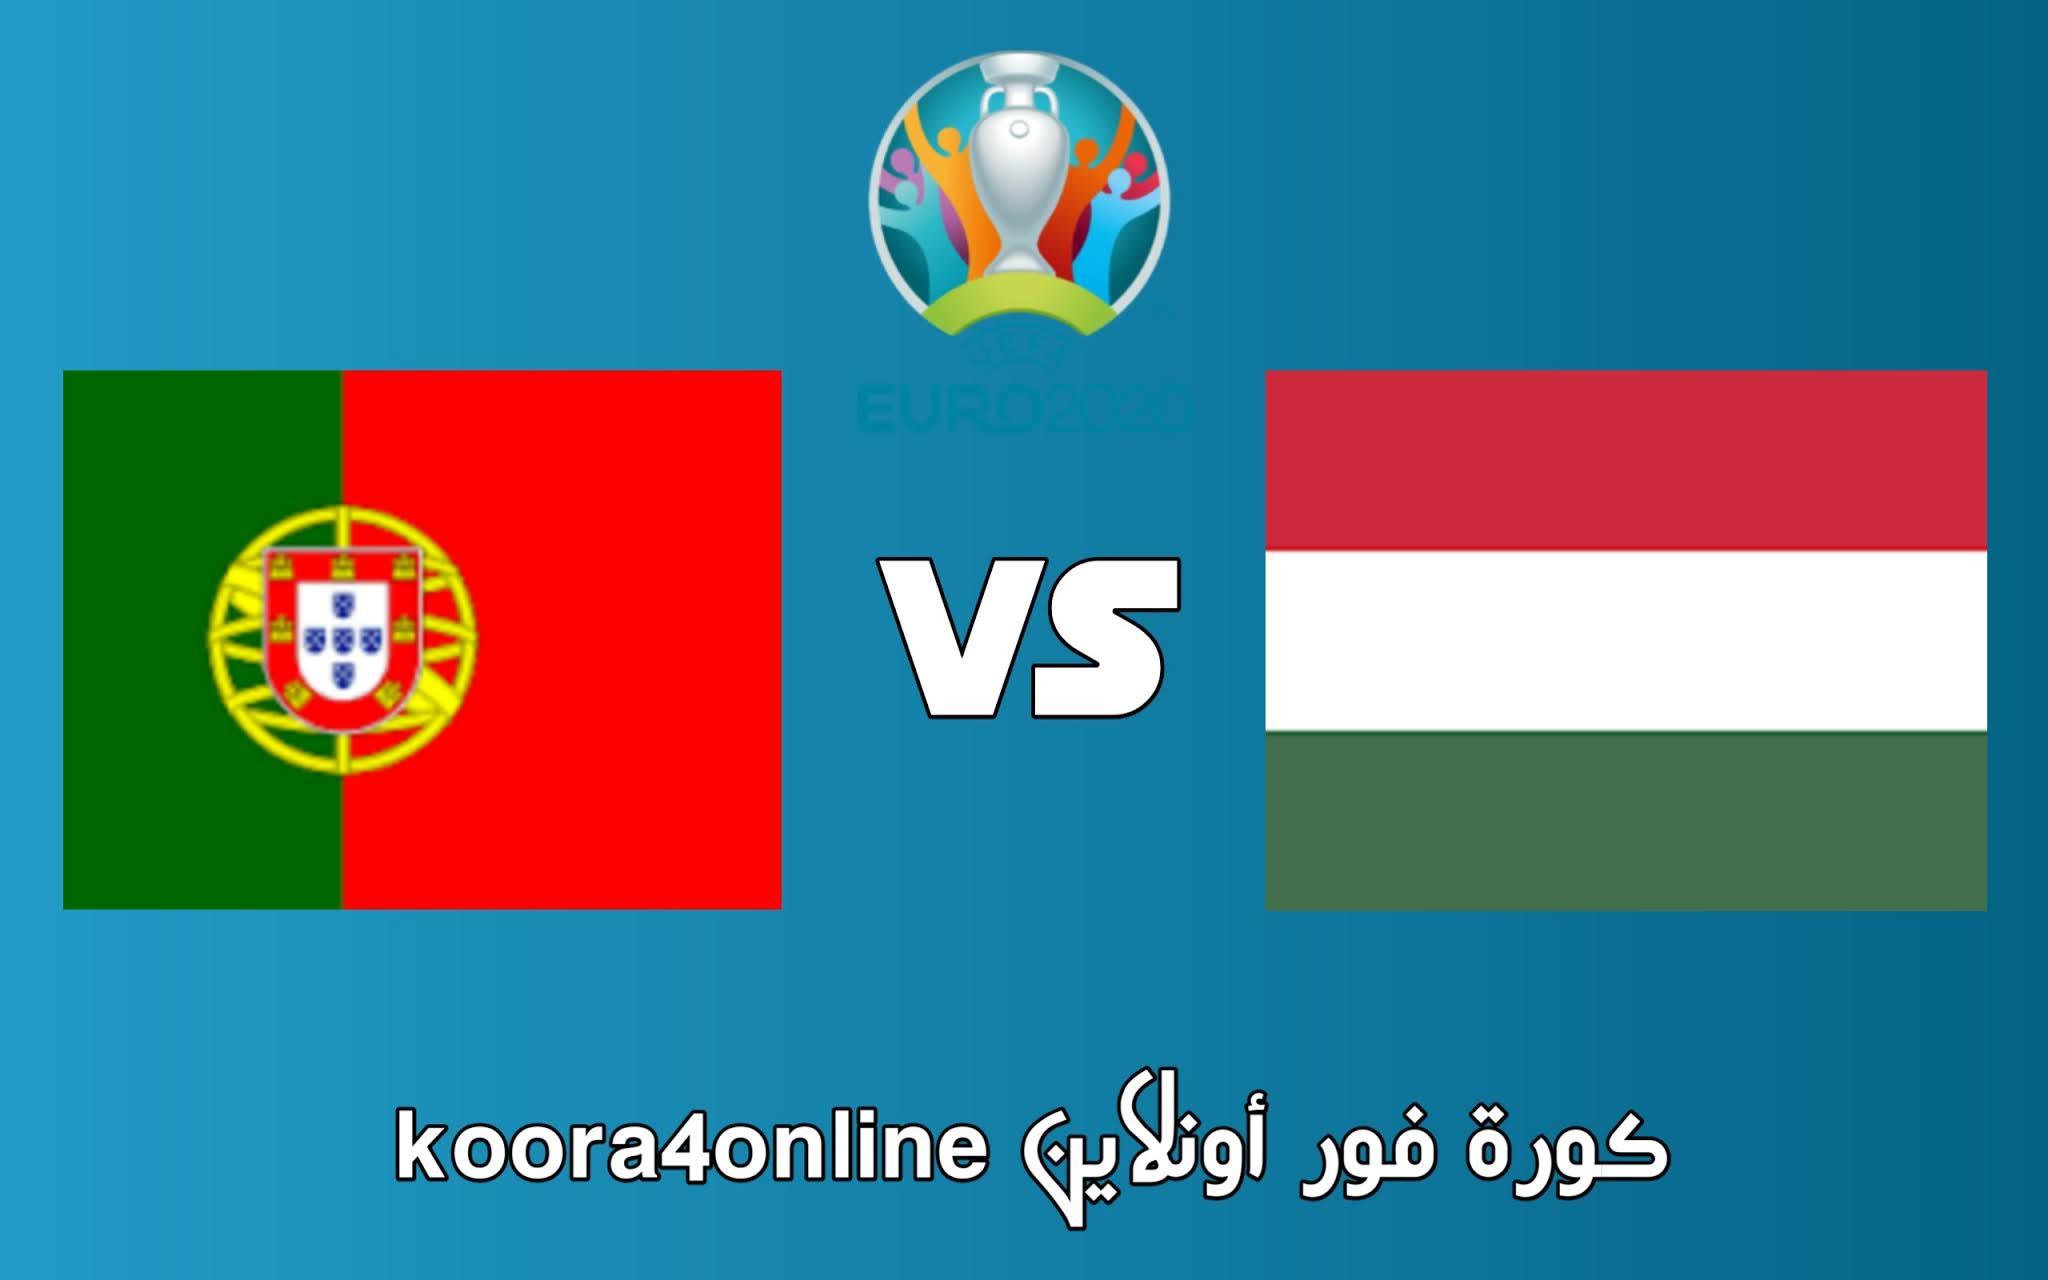 مشاهدة بث مباشر لمباراة  المجر و البرتغال 15-06-2021  كاس اوروبا 2021